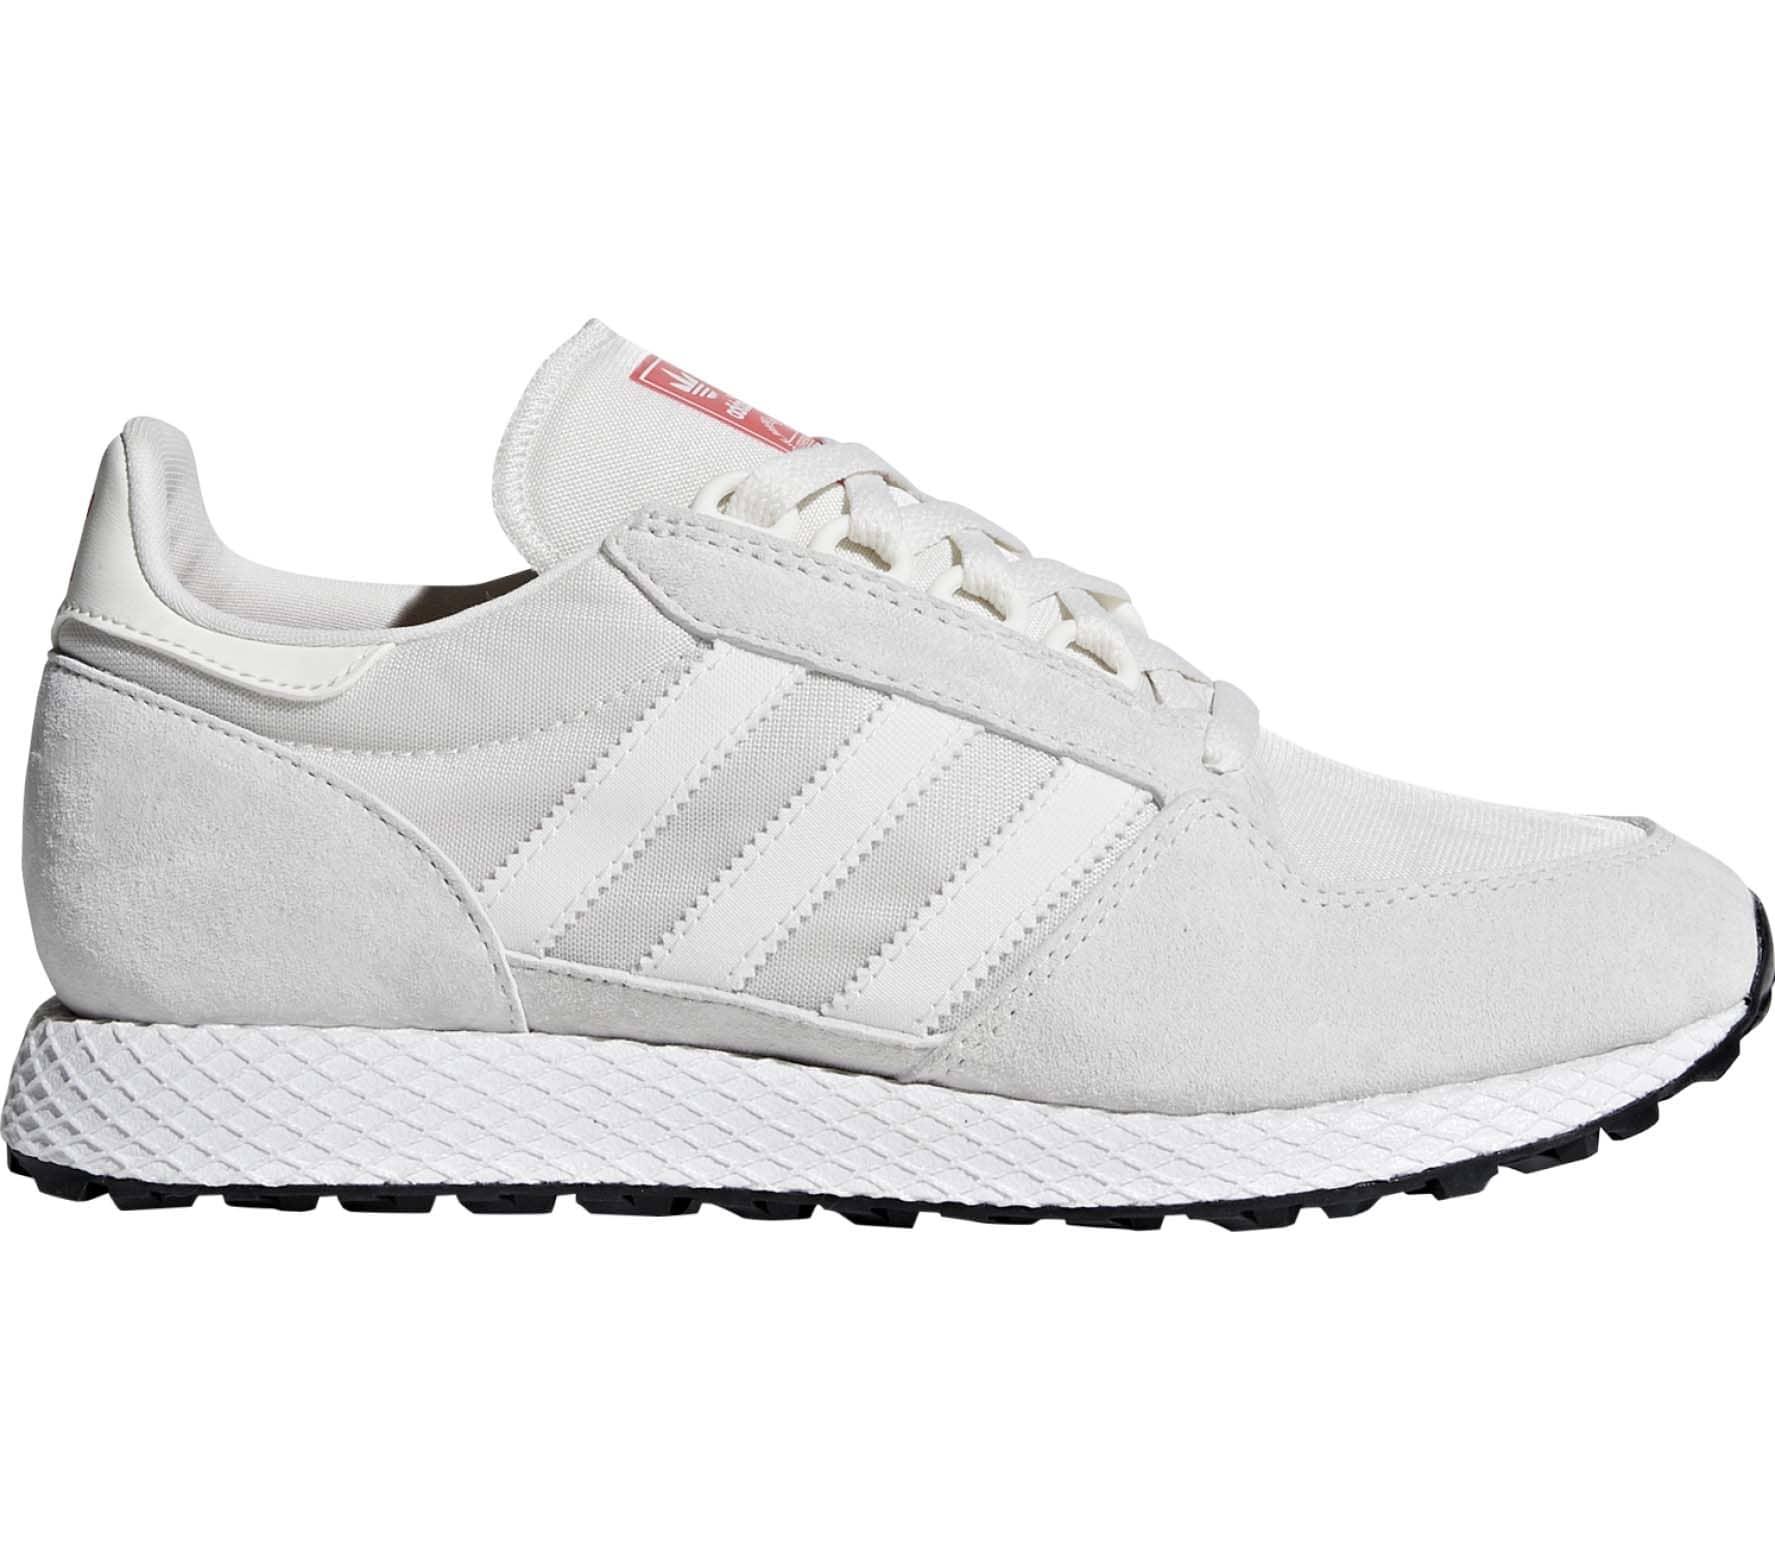 adidas Originals - Forest Grove Dam gymnastiksko (vit) - EU 38 2/3 - UK 5,5